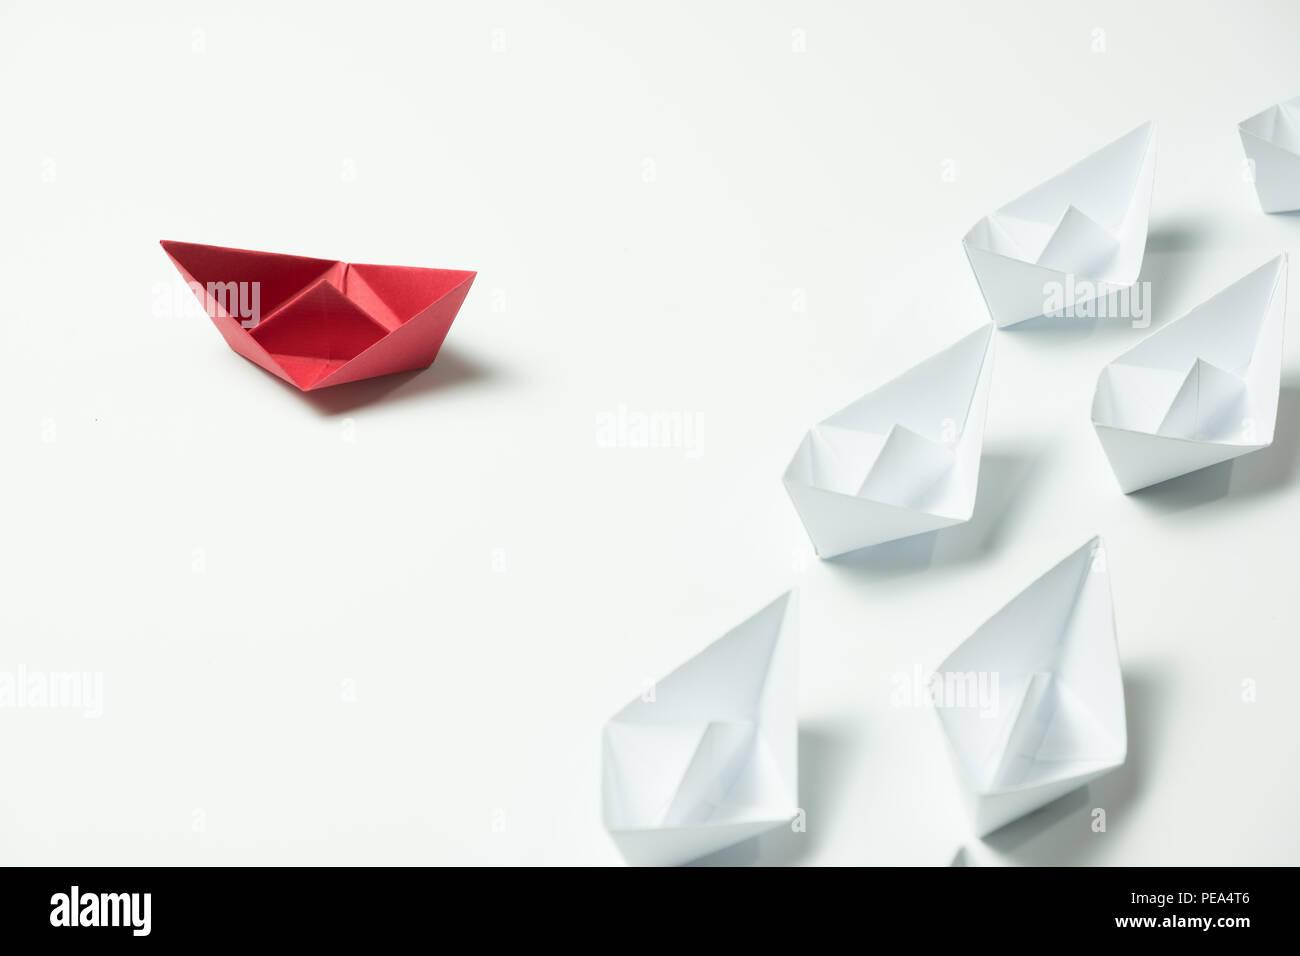 Anders denken Führer für Innovation und creativitity Konzept Stockbild